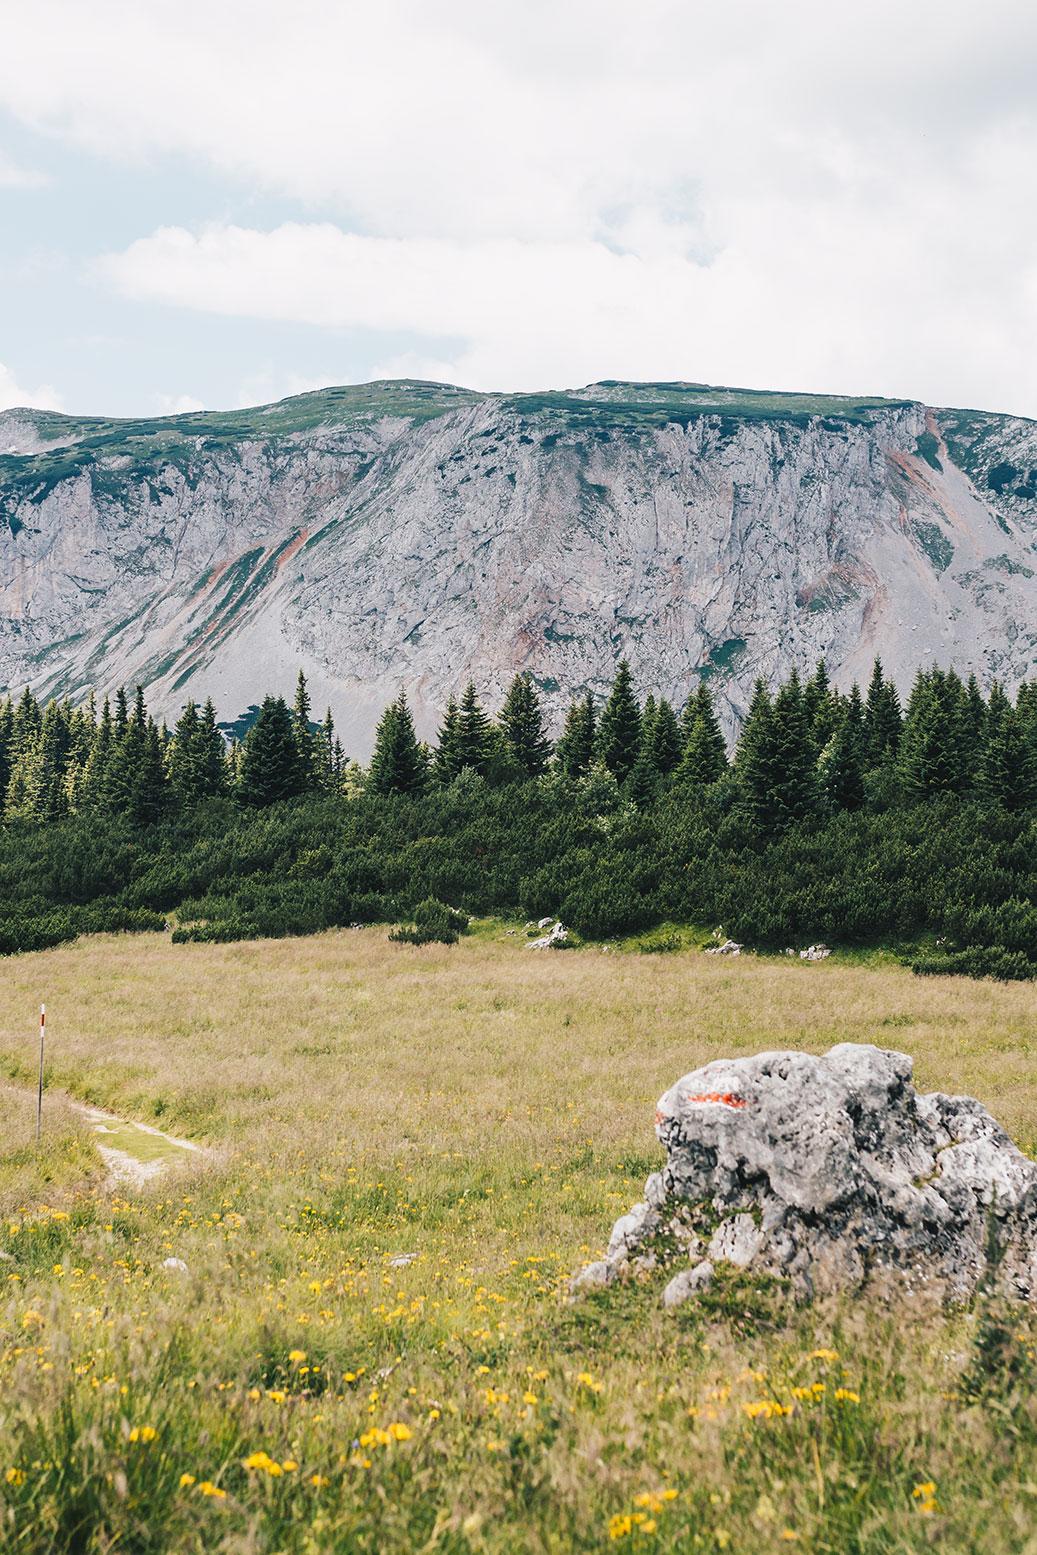 rax-wandern-gebierge-alpen-vanillaholica-reisen-österreich